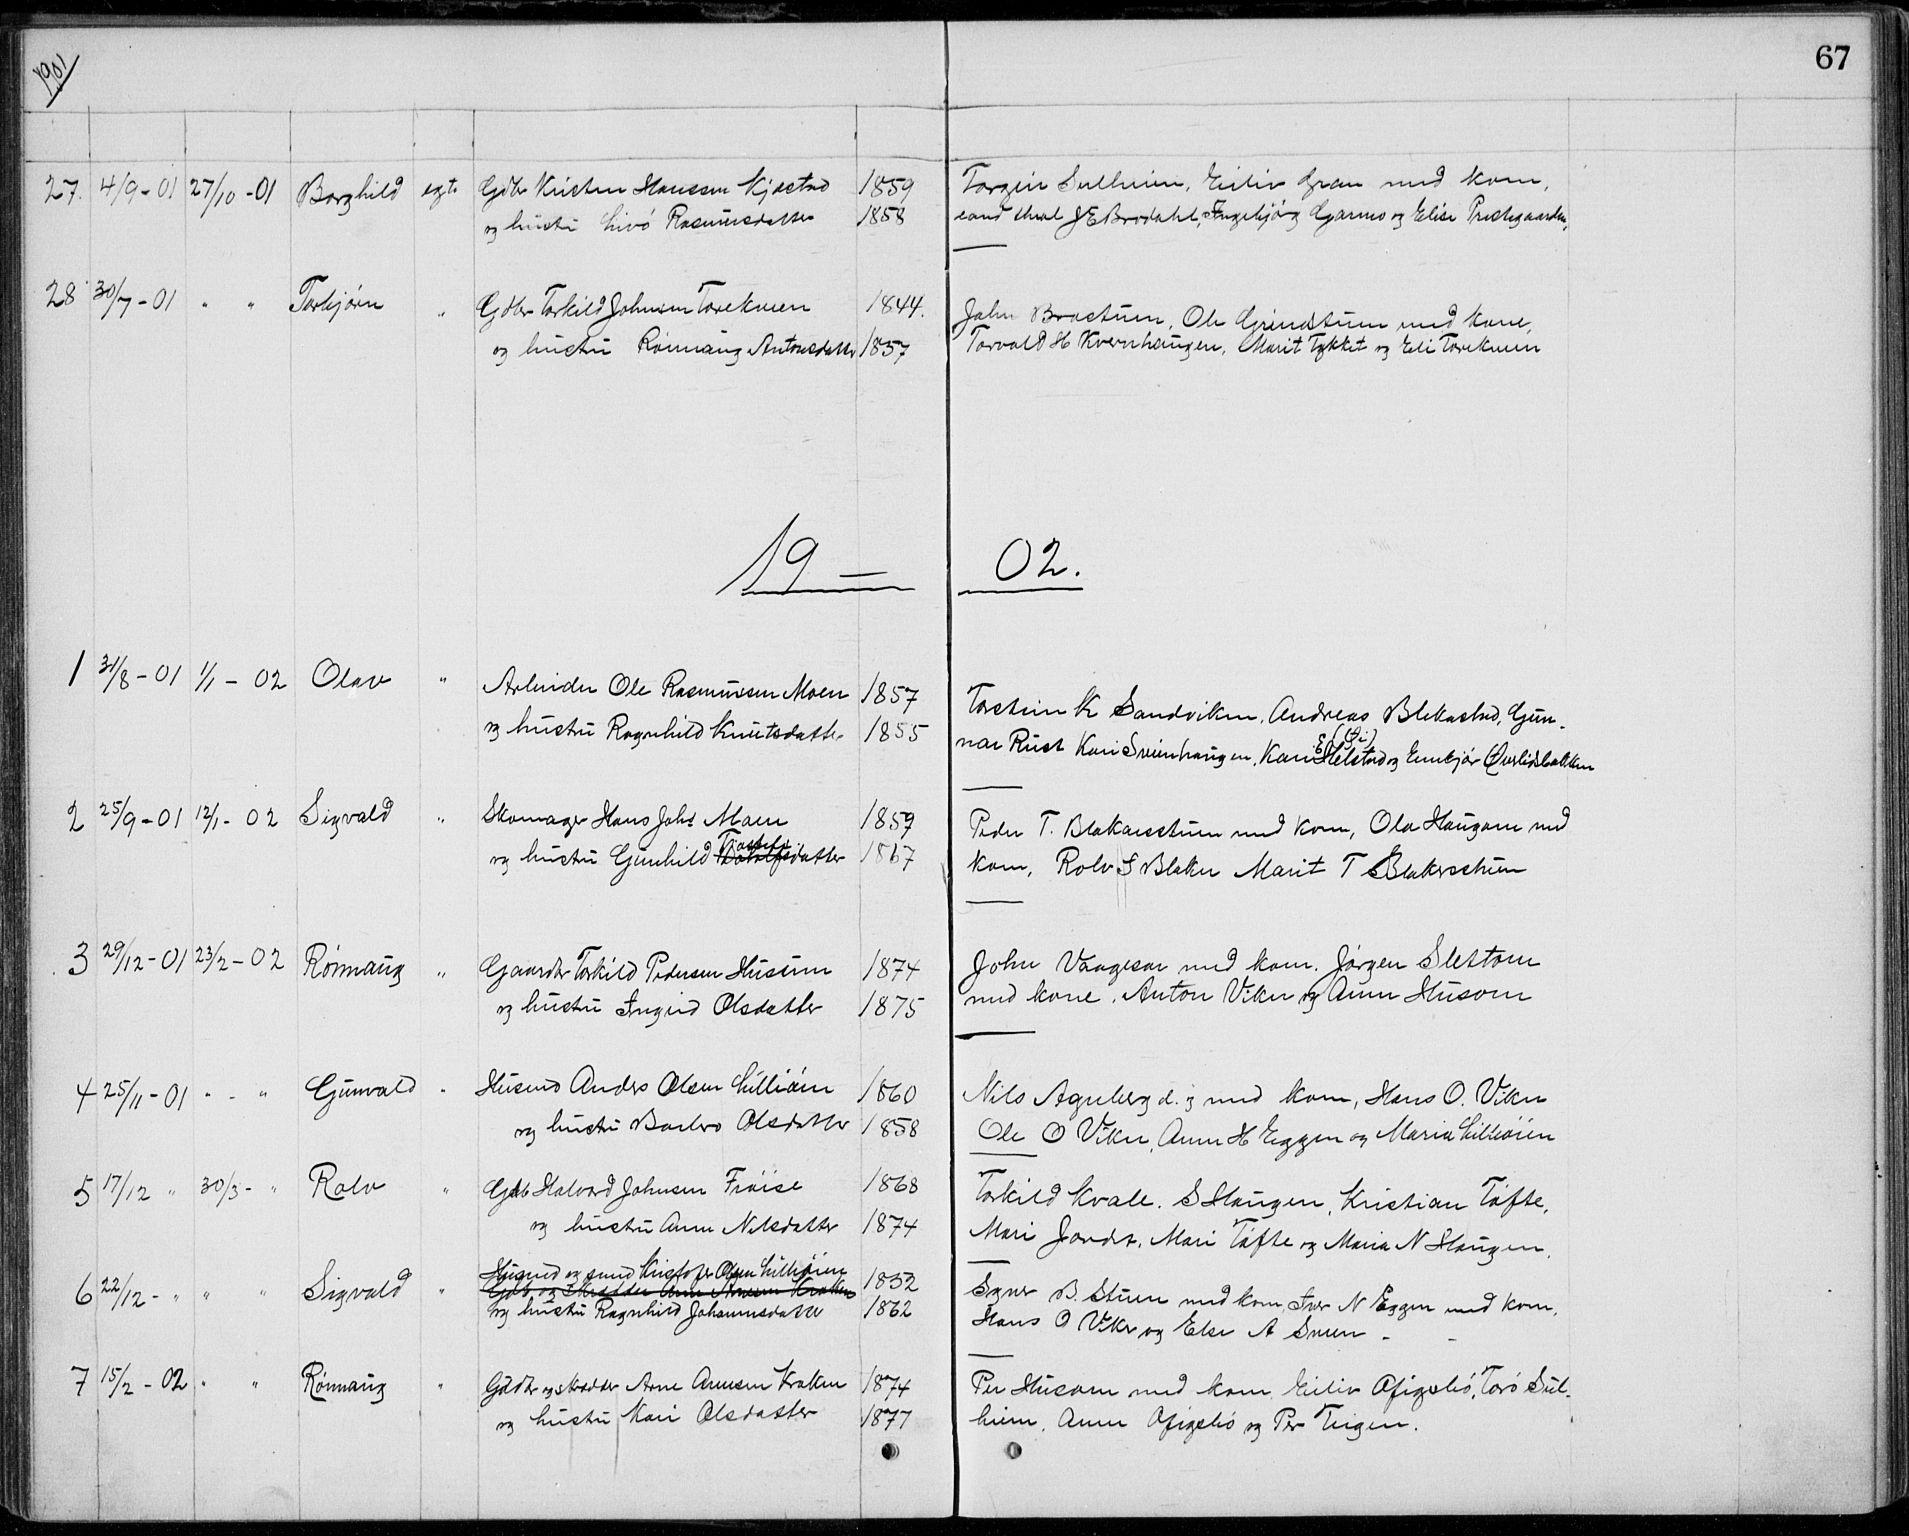 SAH, Lom prestekontor, L/L0013: Klokkerbok nr. 13, 1874-1938, s. 67